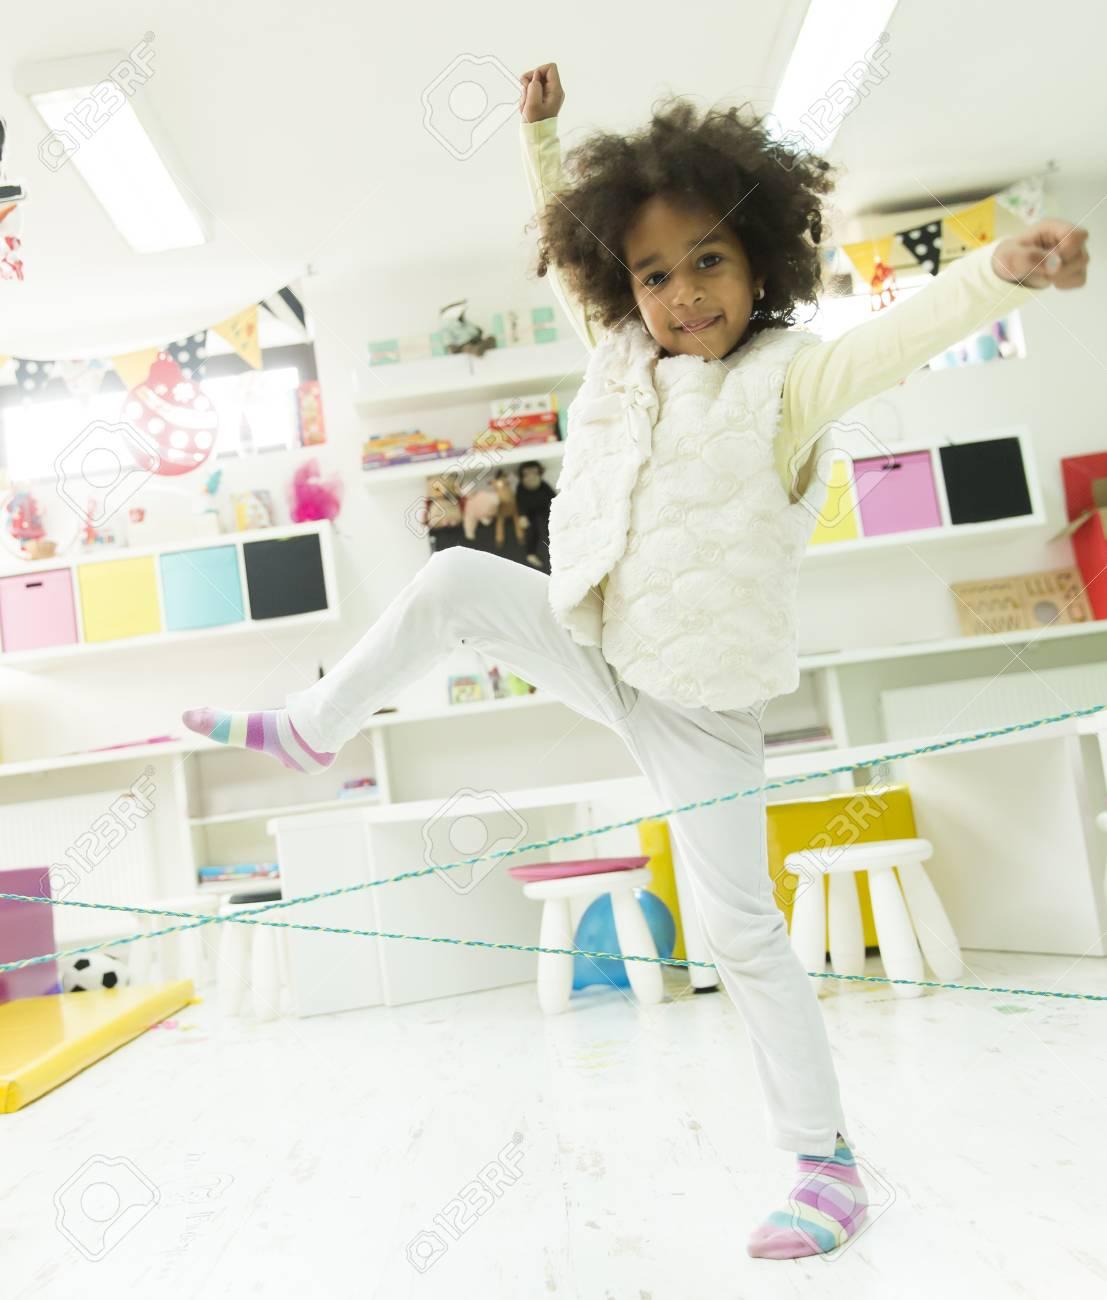 Petit Jeu De Fille Et De L'apprentissage À L'école Maternelle dedans Petit Jeu Maternelle